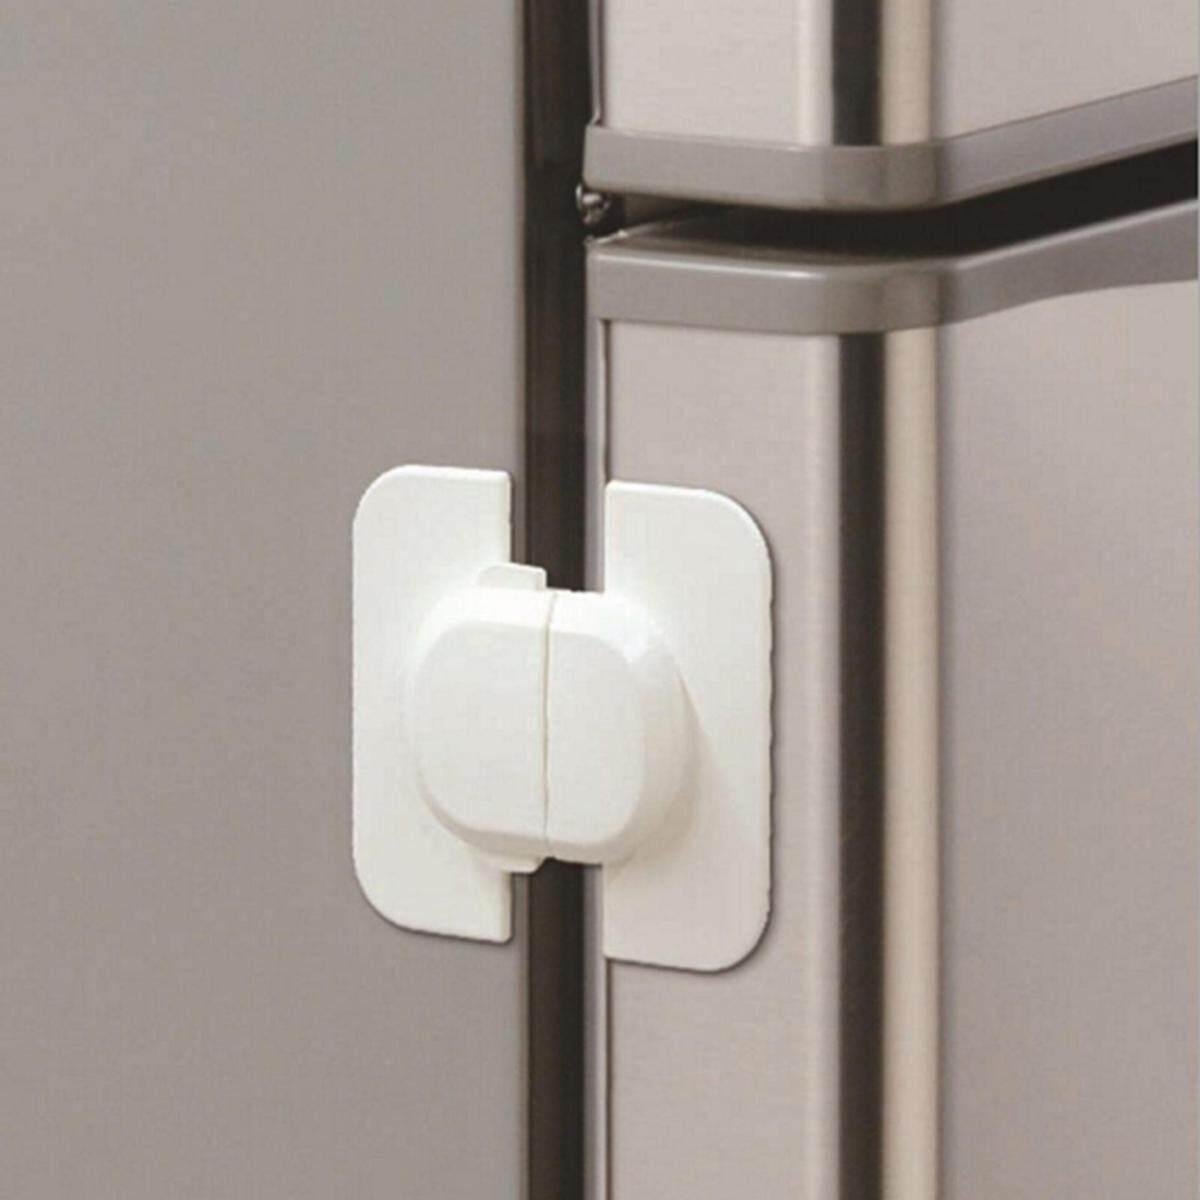 Kulkas Lemari Es Freezer Pintu Kunci Kait Kunci untuk Bayi Balita Anak Safety-Intl